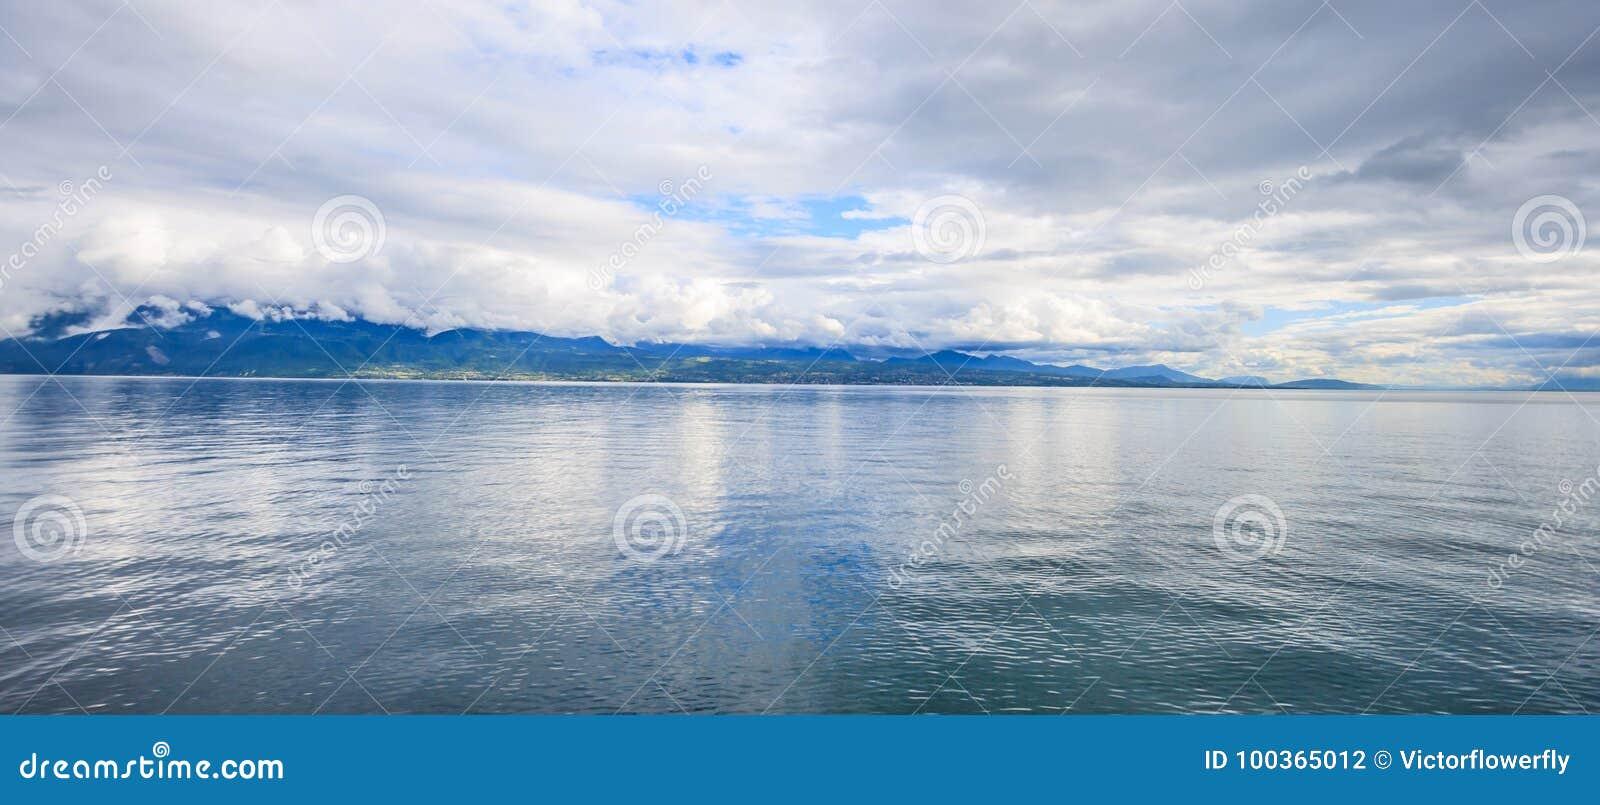 Panoramic view of Lake Geneva, one of Switzerland`s most cruised lakes in Europe, Vaud, Switzerland. Design for background